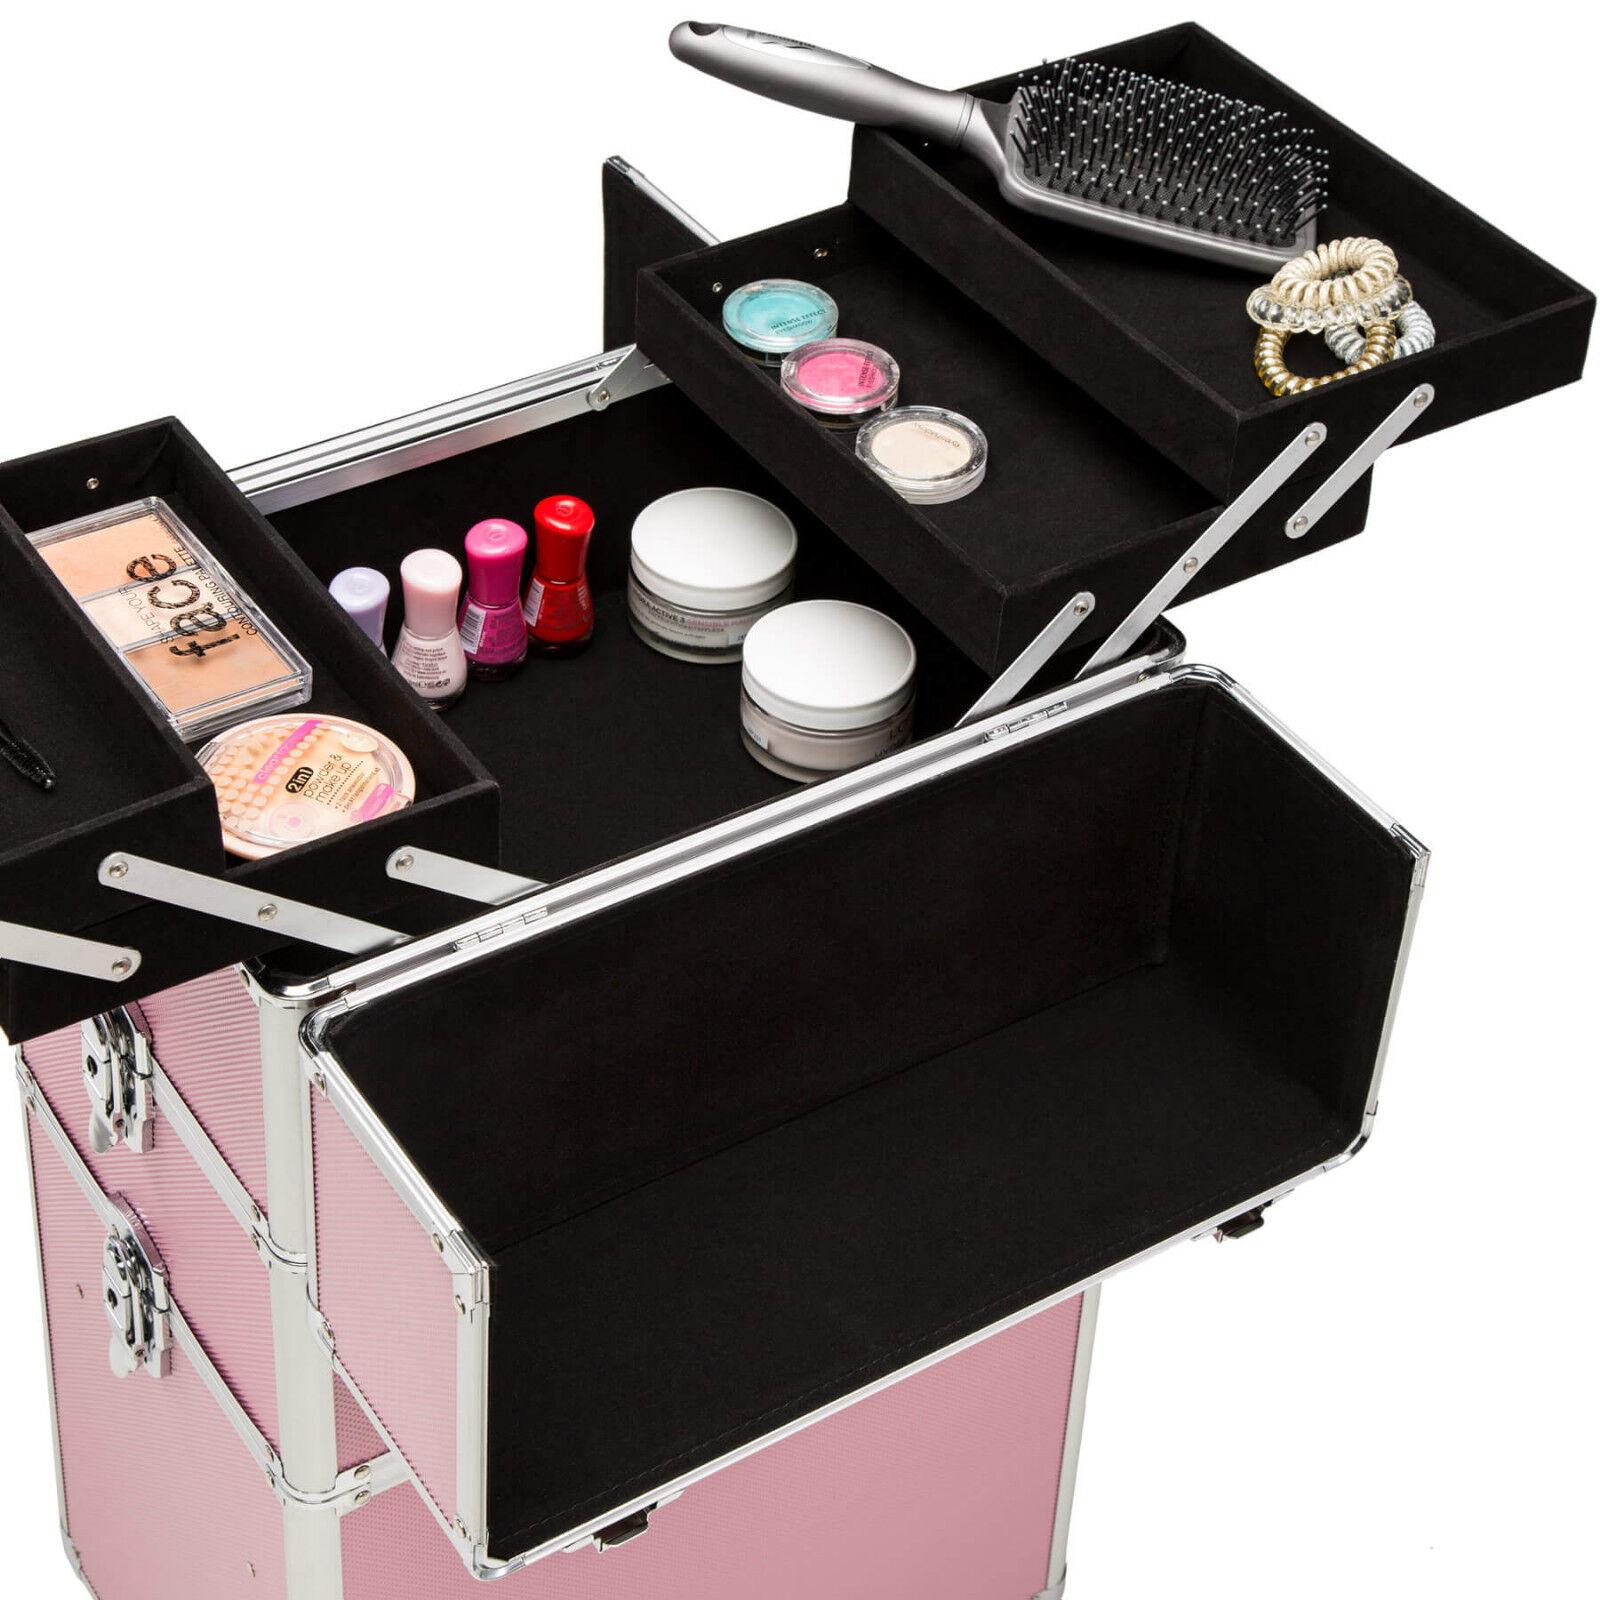 Alu Valise à Cosmétiques Trolley à Maquillage a Roulettes Roulettes Roulettes Beaute Salon Coiffure 905112